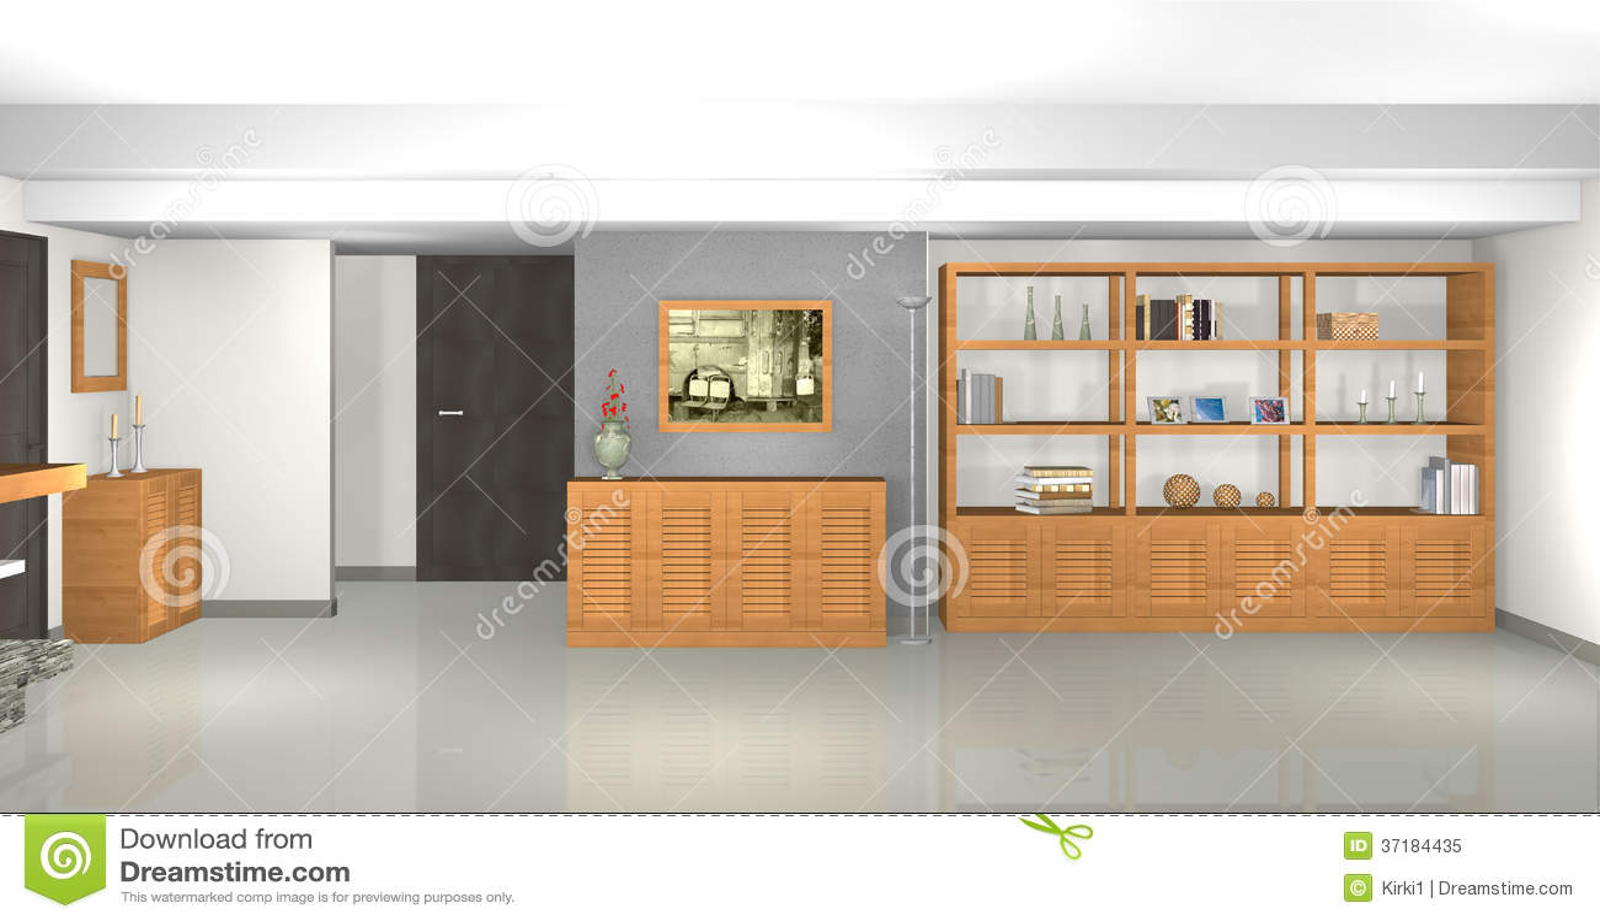 Moderne grijze woonkamer met bibliotheek en open haard royalty vrije stock foto afbeelding - Moderne bibliotheek ...